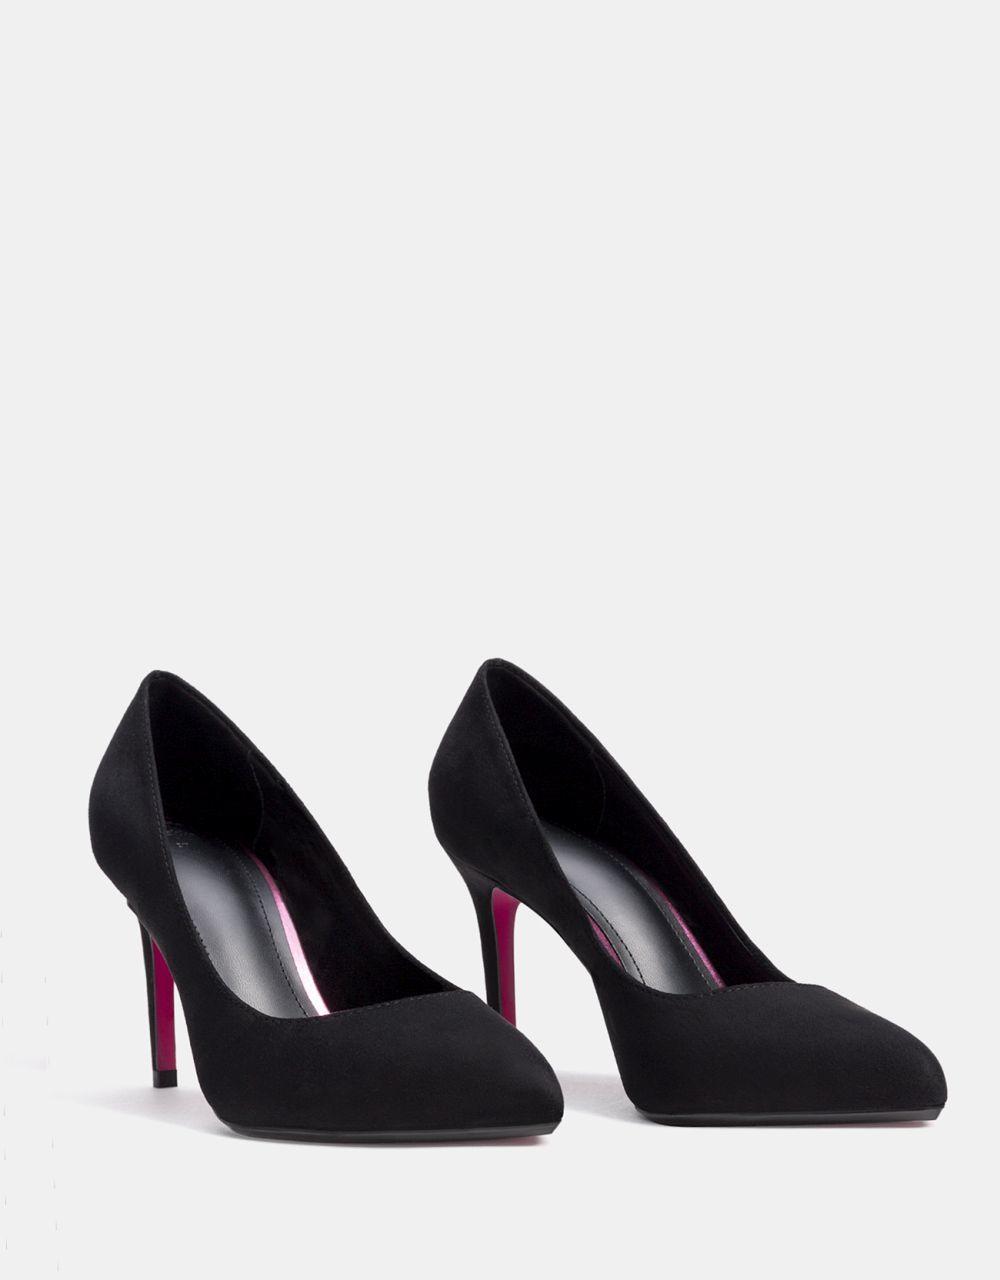 Zapatos de salón de Bershka (19,99 euros)